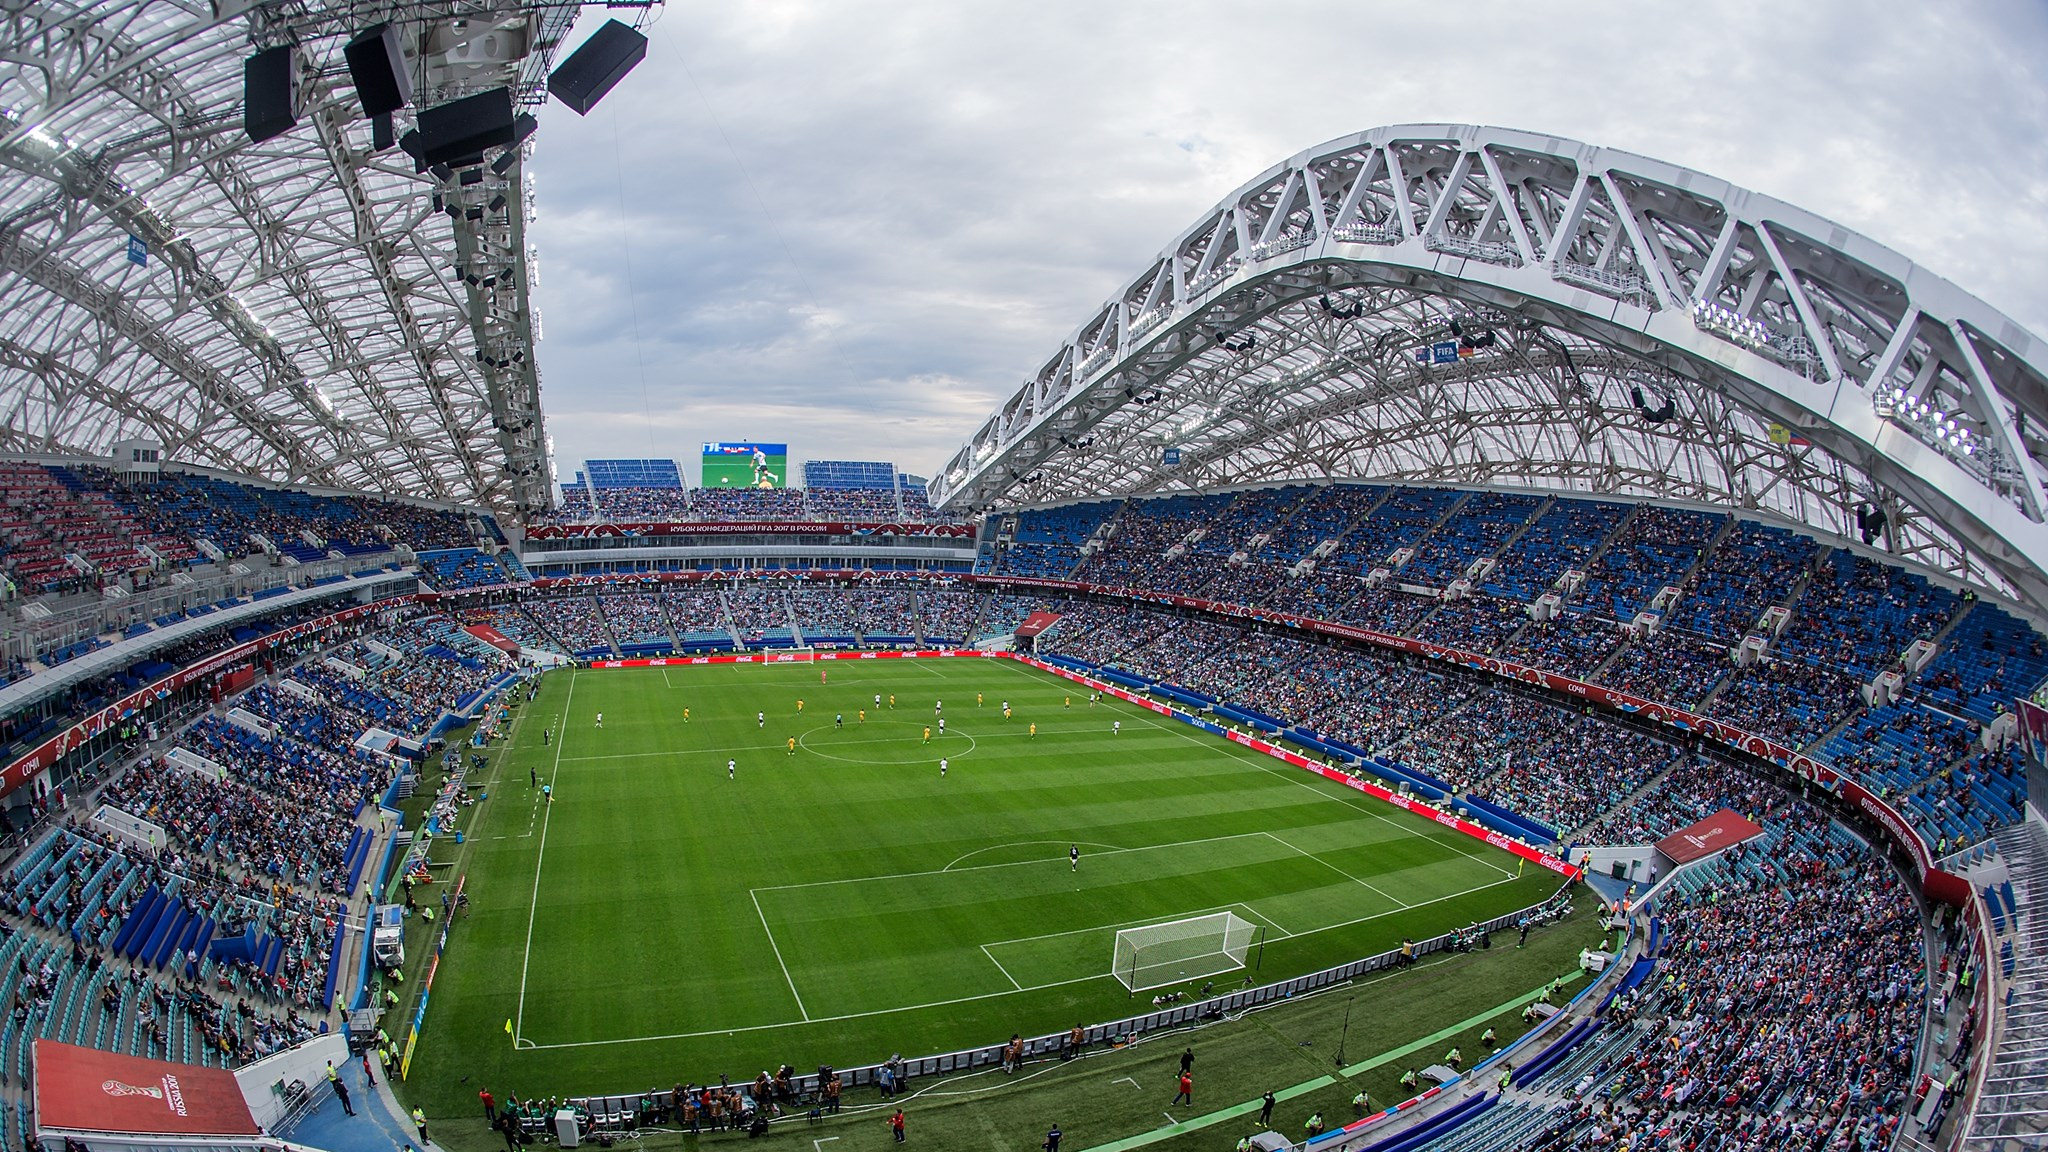 77a4ce8526e7 Построенный в преддверии зимних Олимпийских игр стадион «Фишт» стал одним  из крупнейших спортивных объектов России. Он располагается в Адлере на  территории ...